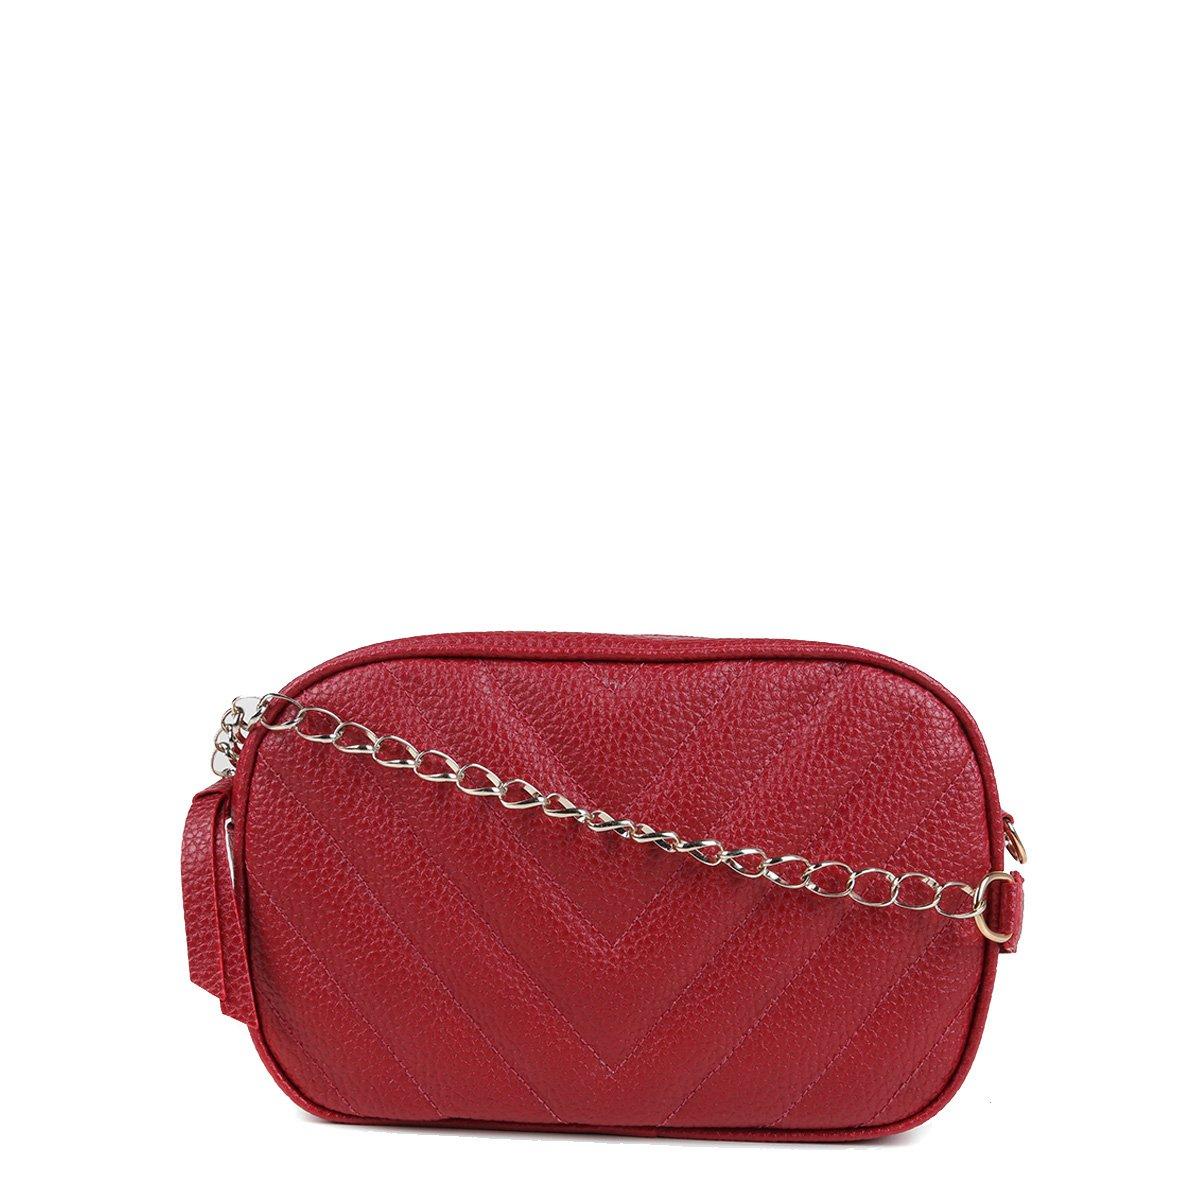 Bolsa Shoestock Crossbody Box Matelassê Feminina